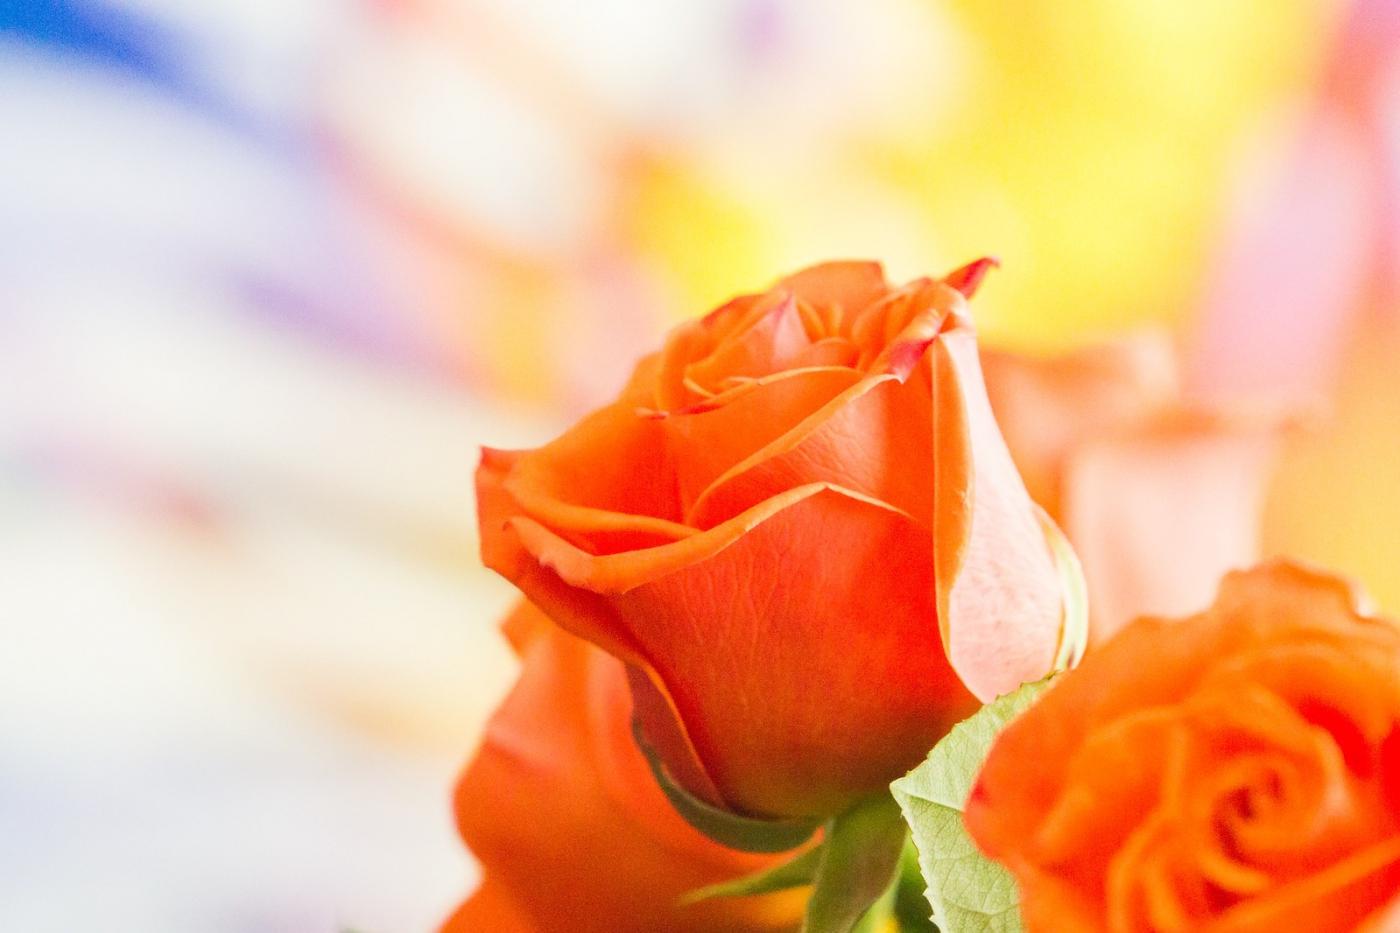 情人节你送花了吗?_图1-5